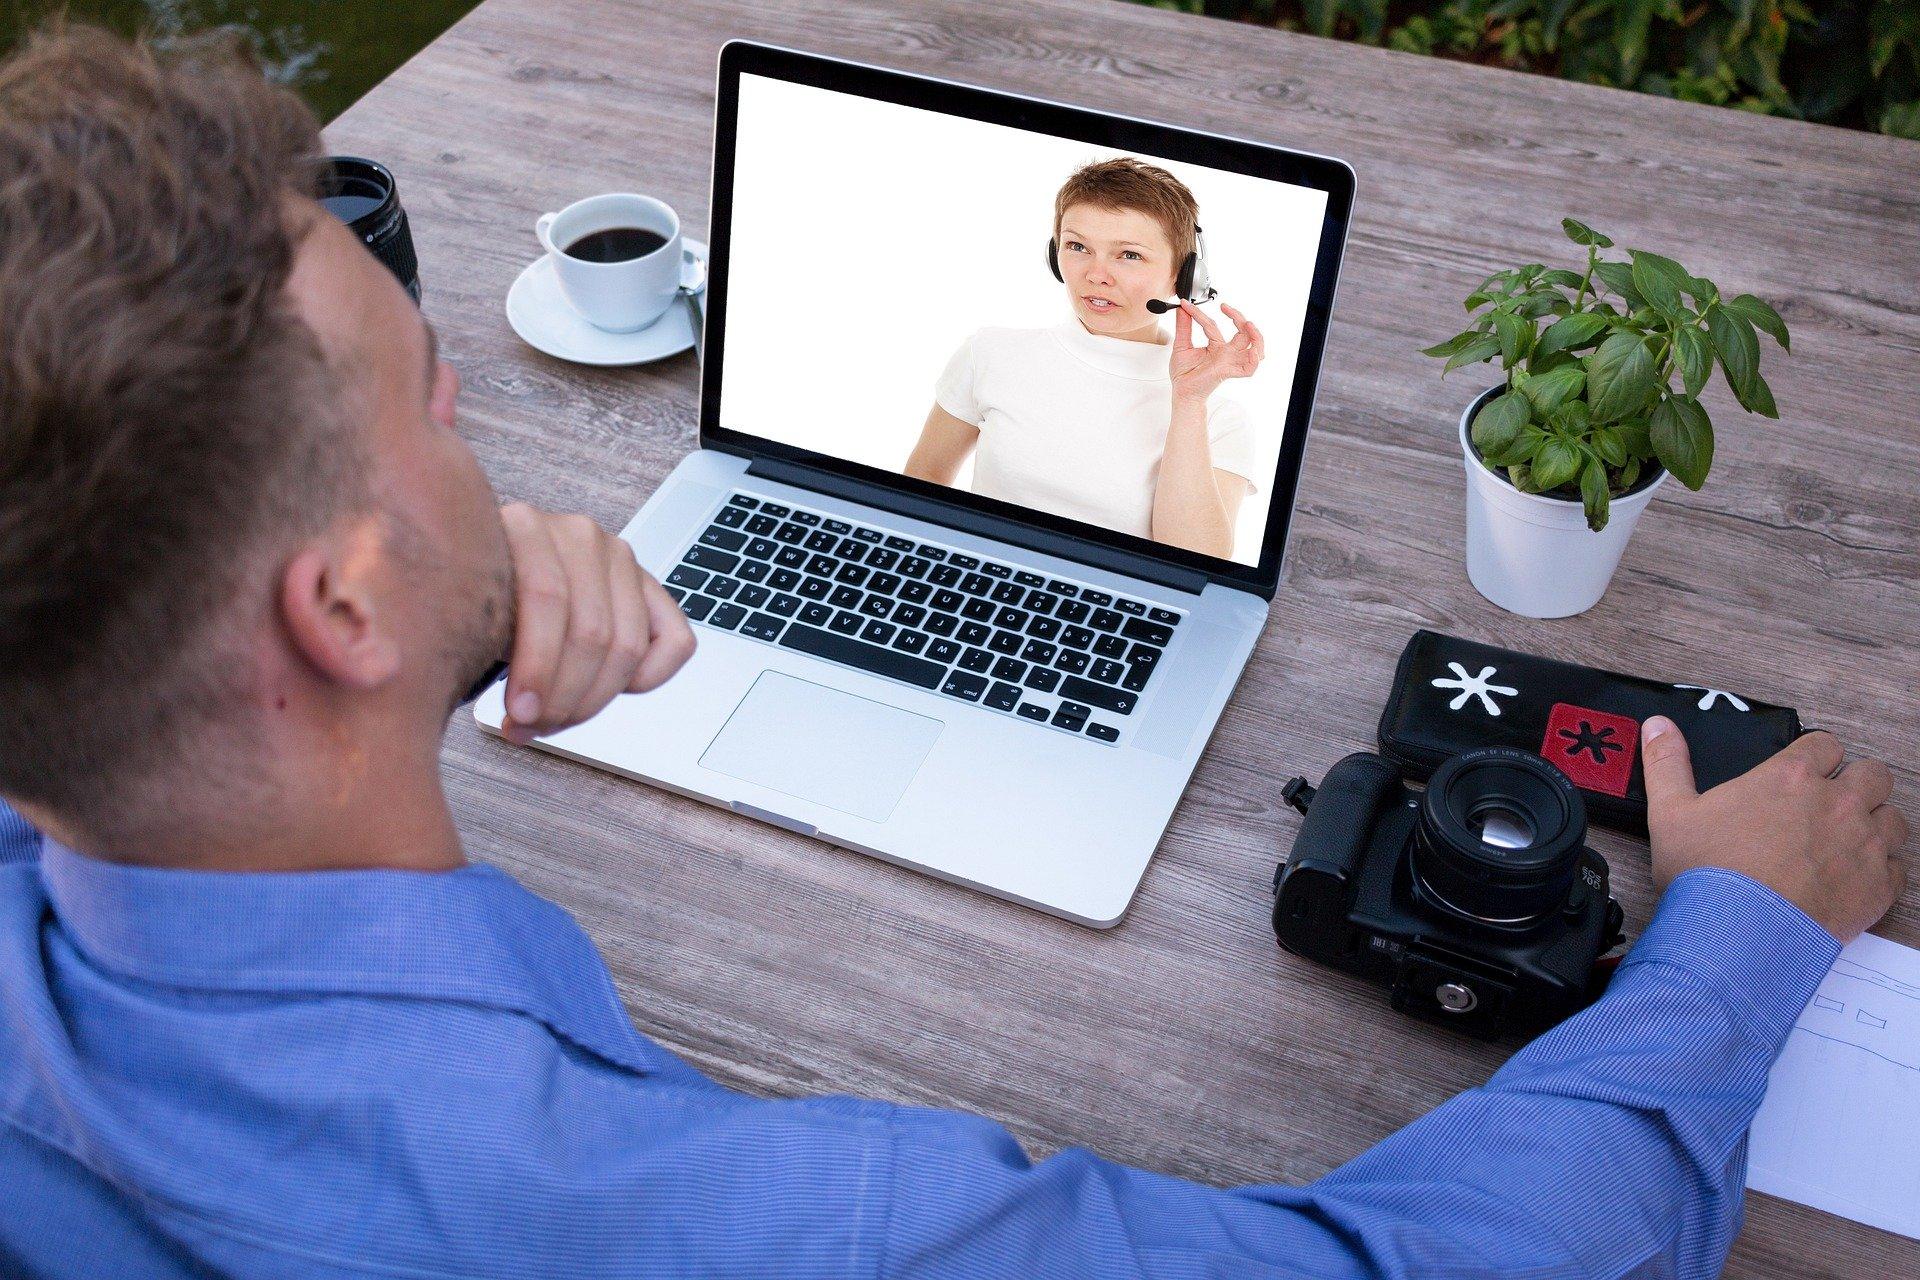 Mann sitzt vor einem Laptop und nimmt an einem Webinar teil.